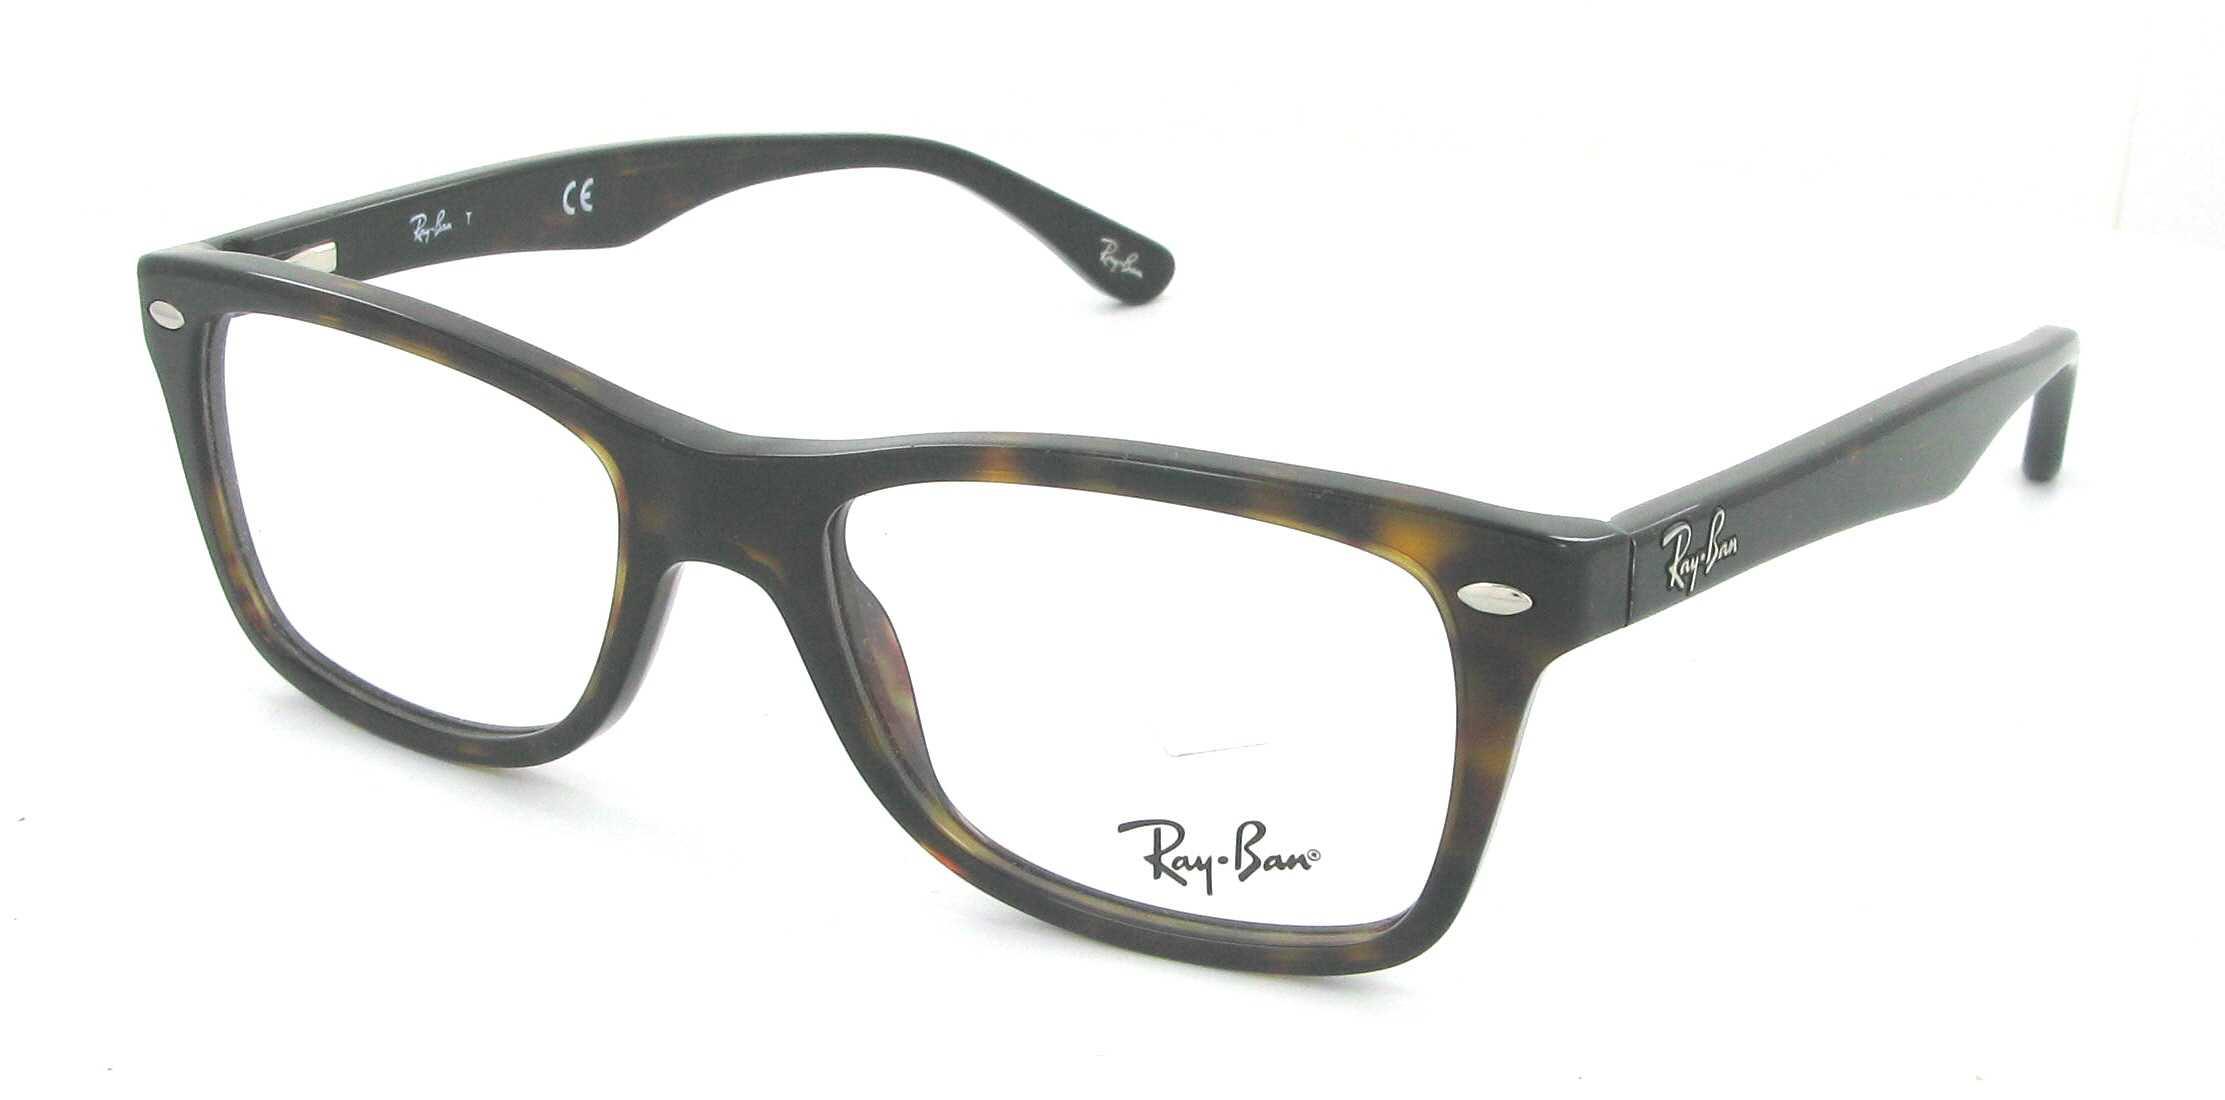 Offres moins chères monture de lunette de vue Chaussures habillées en coton  gris - messagerievocale.fr 071d17a9cf61